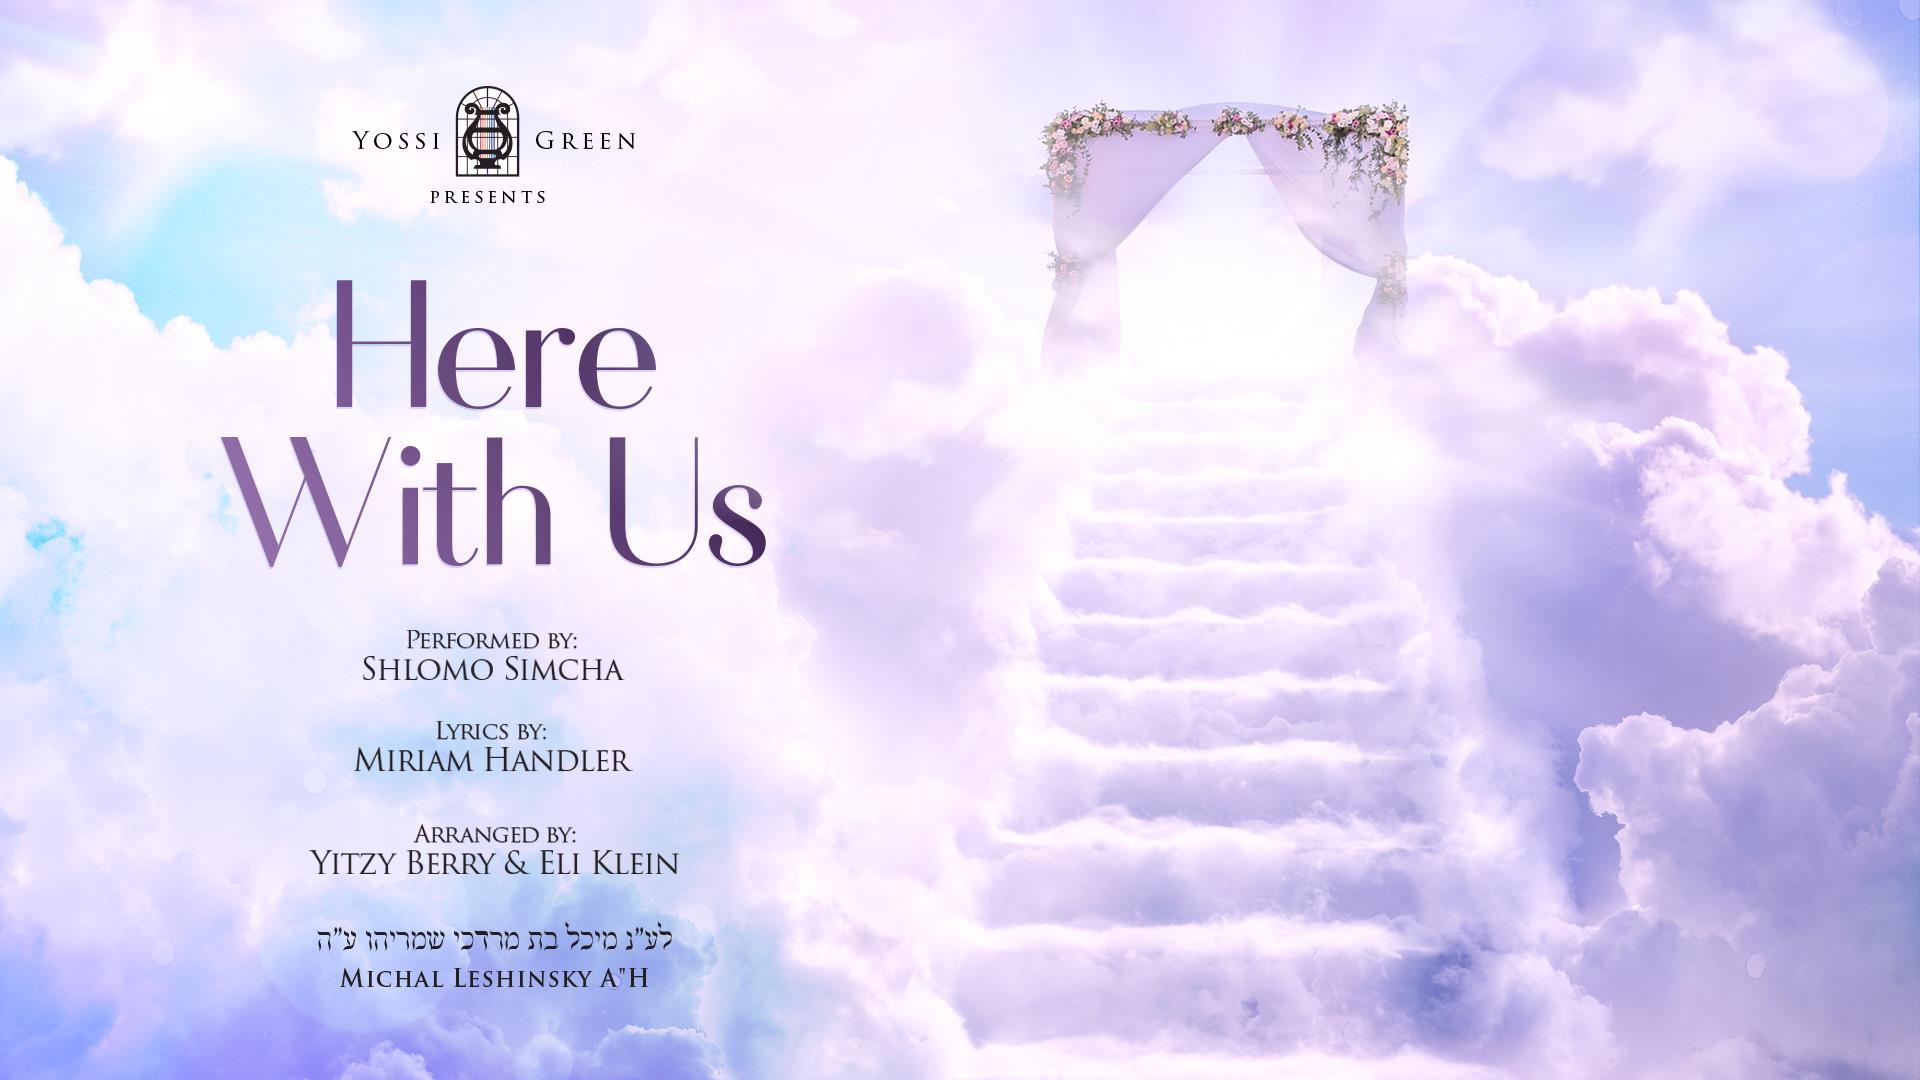 """יוסי גרין מארח את שלמה שמחה: """"Here With Us"""" 8"""